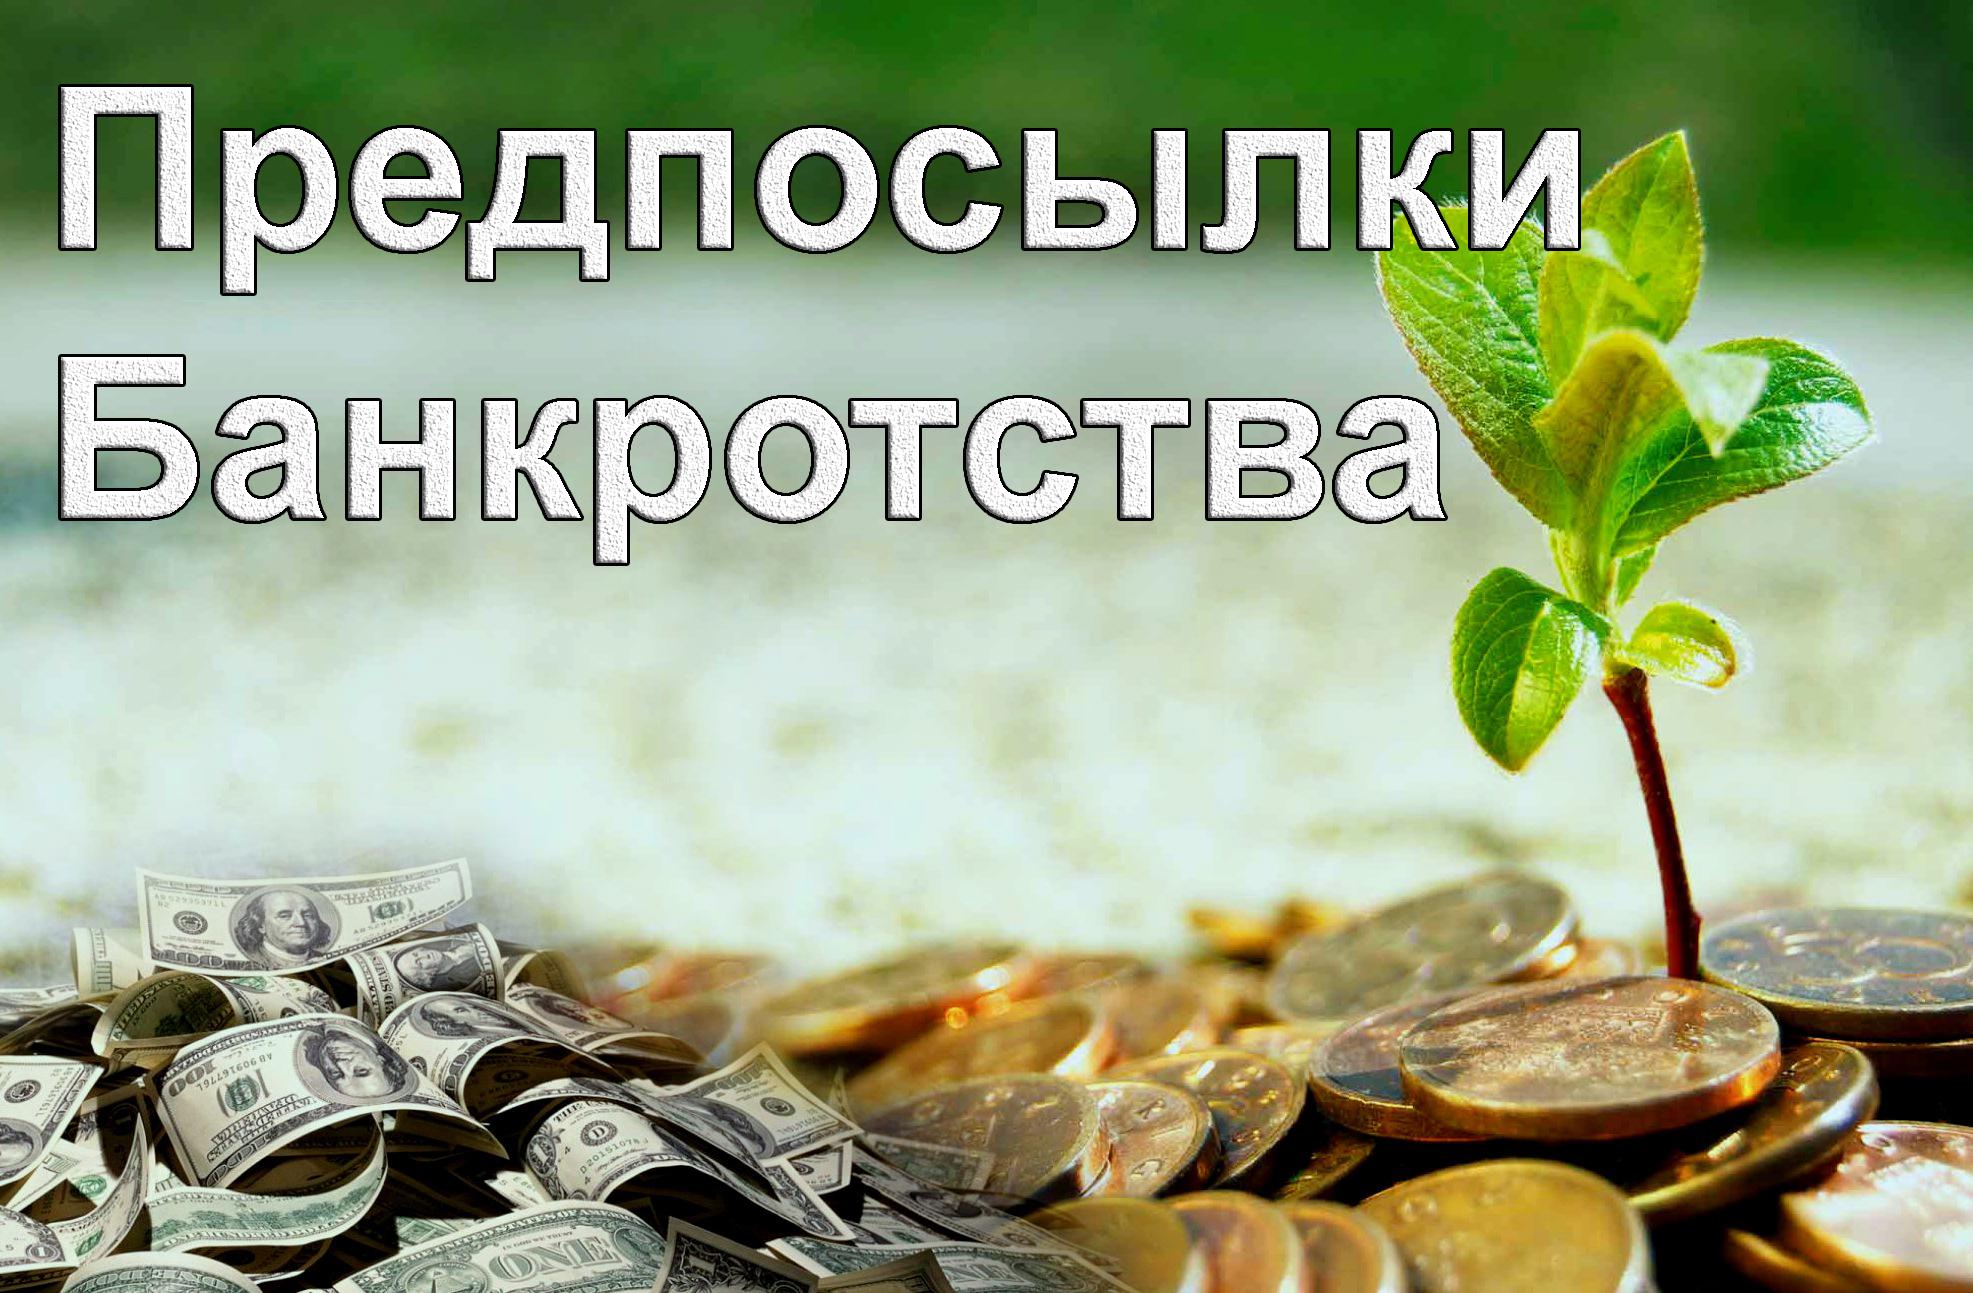 predposylky bankrotstva